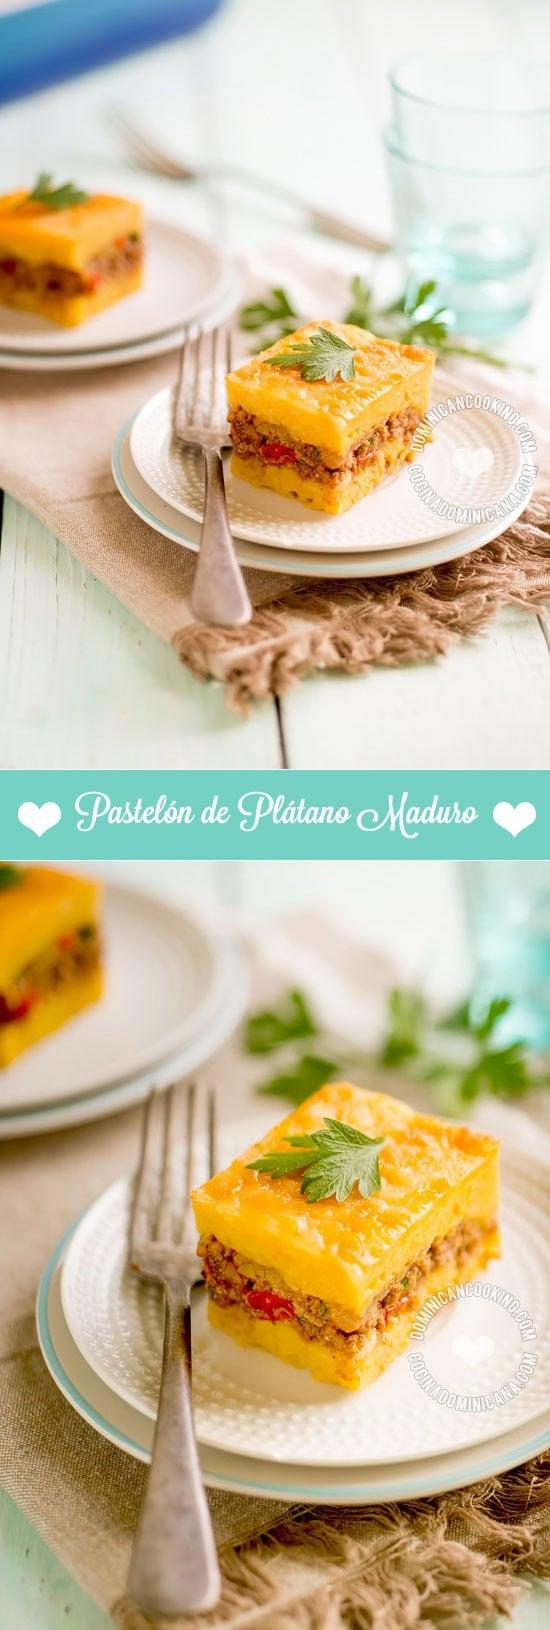 Pastelón de Plátano Maduro Dominicano: El suave dulzor del plátano maduro, la jugosa carne y abundante queso derretido lo hace un plato de ensueño.